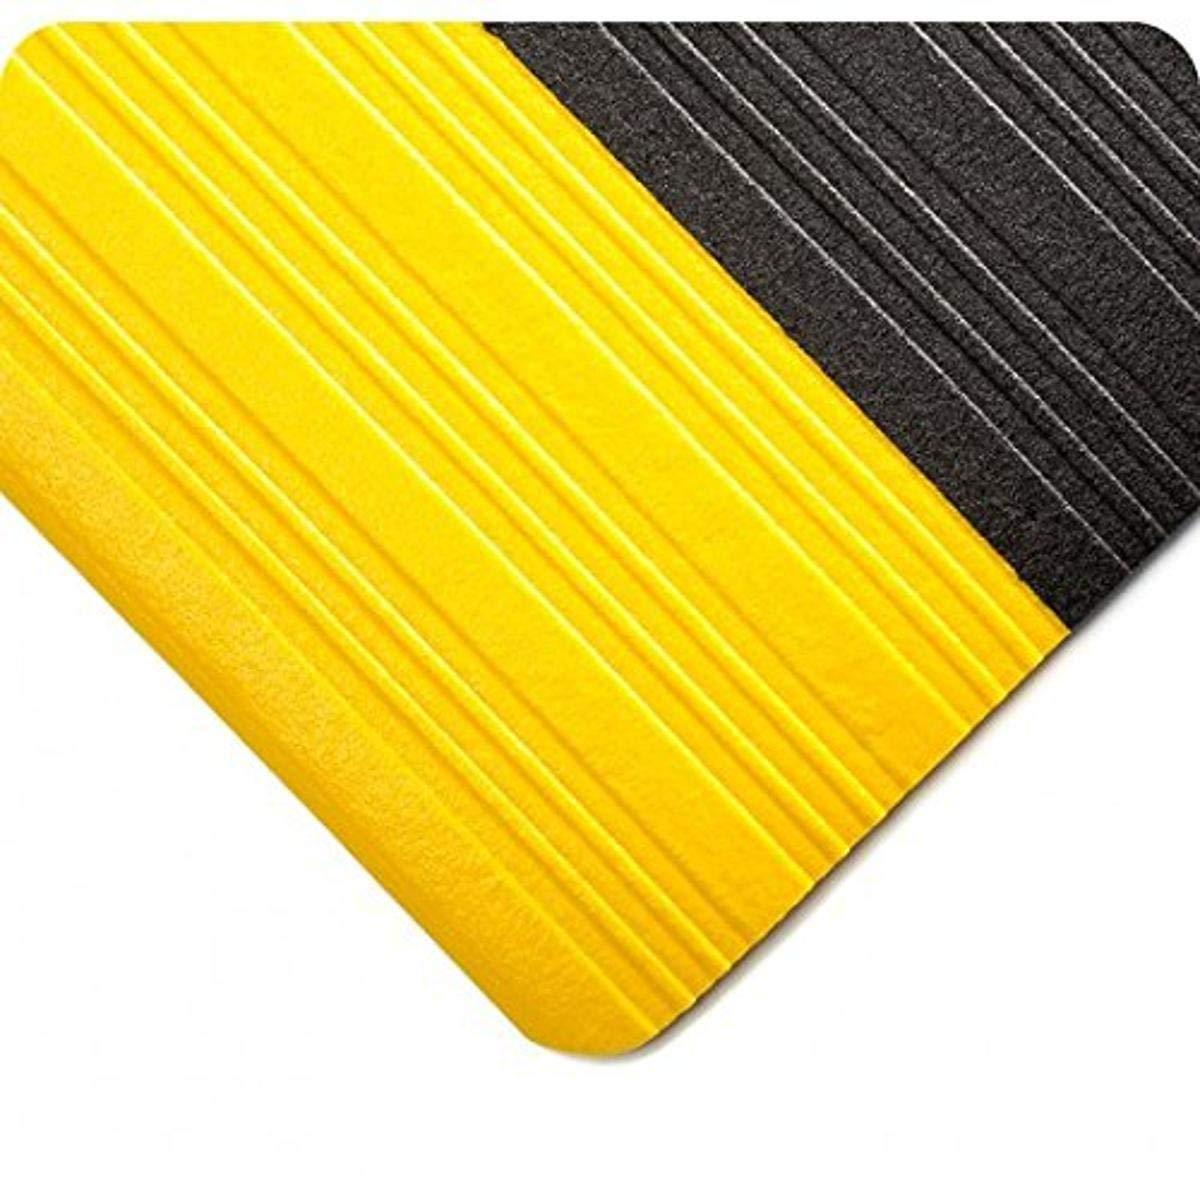 Wearwell 451.38x2x52BYL Tuf 55% OFF Sponge Max 49% OFF Mat 52' x Width Length 2'